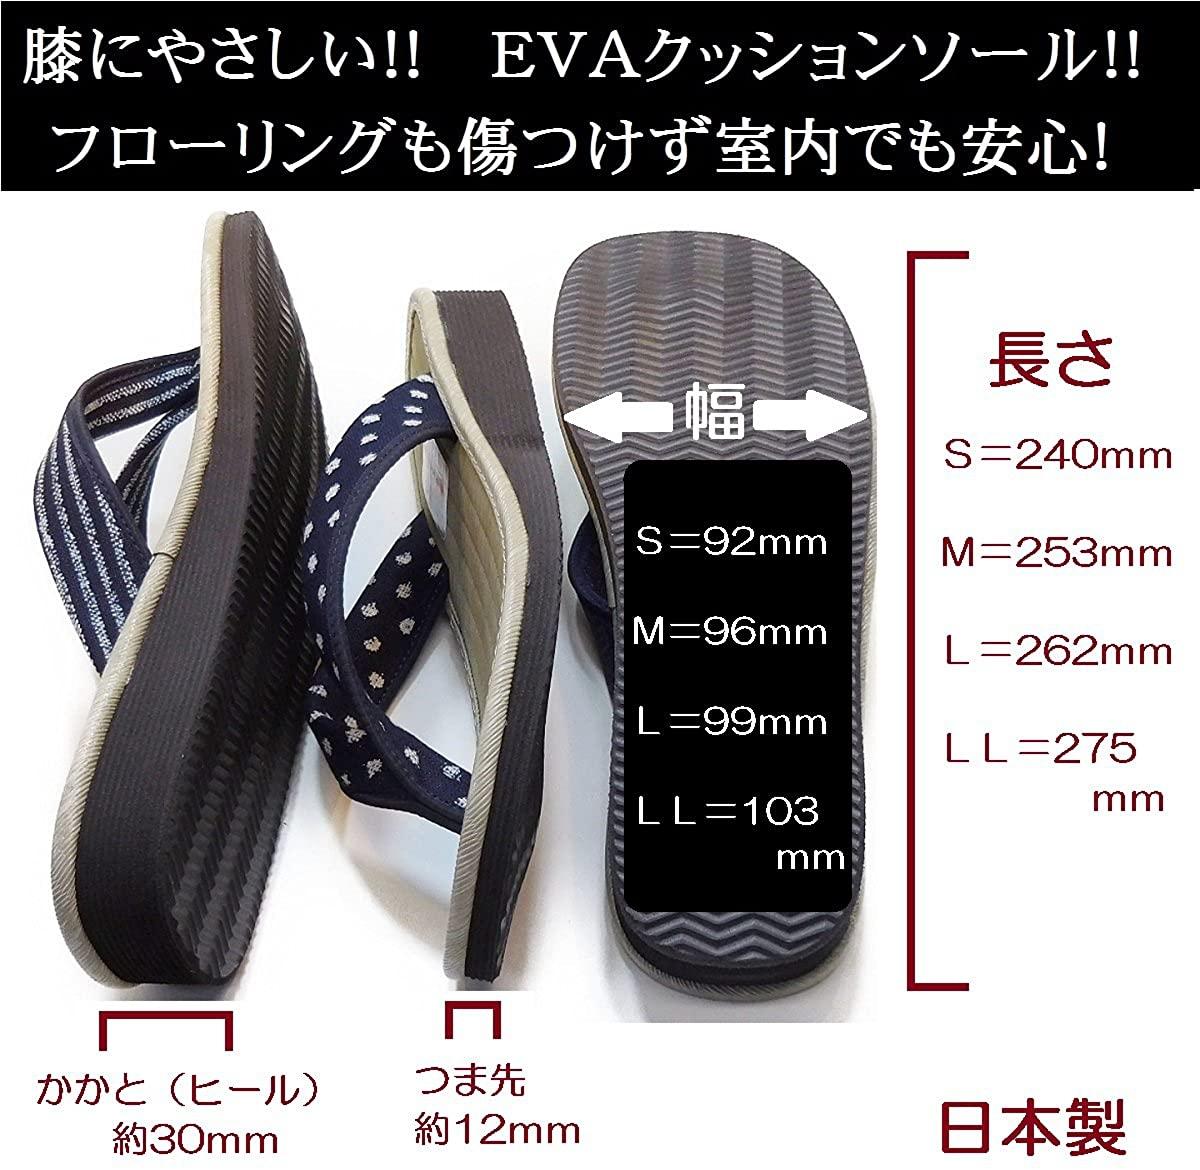 やまとっ子(ヤマトッコ) 本畳ぞうり 男性用の商品画像2